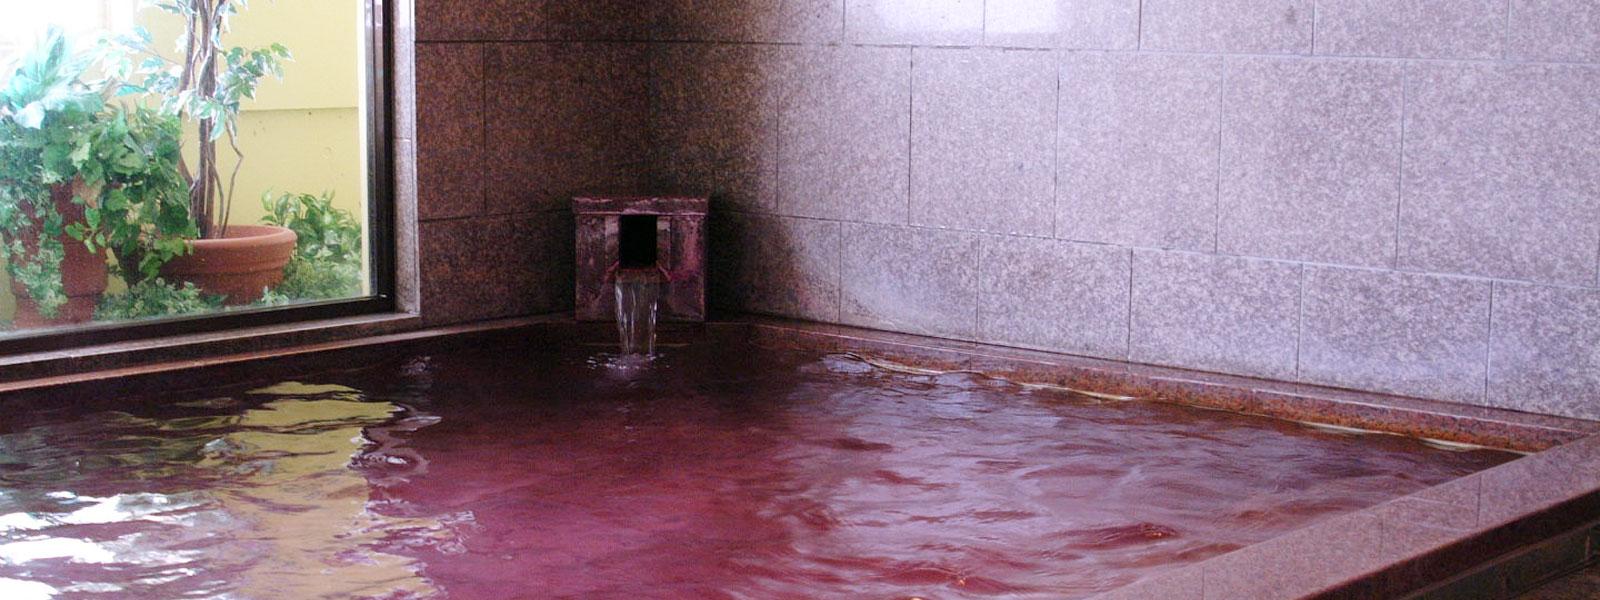 大浴場ラベンダーの湯